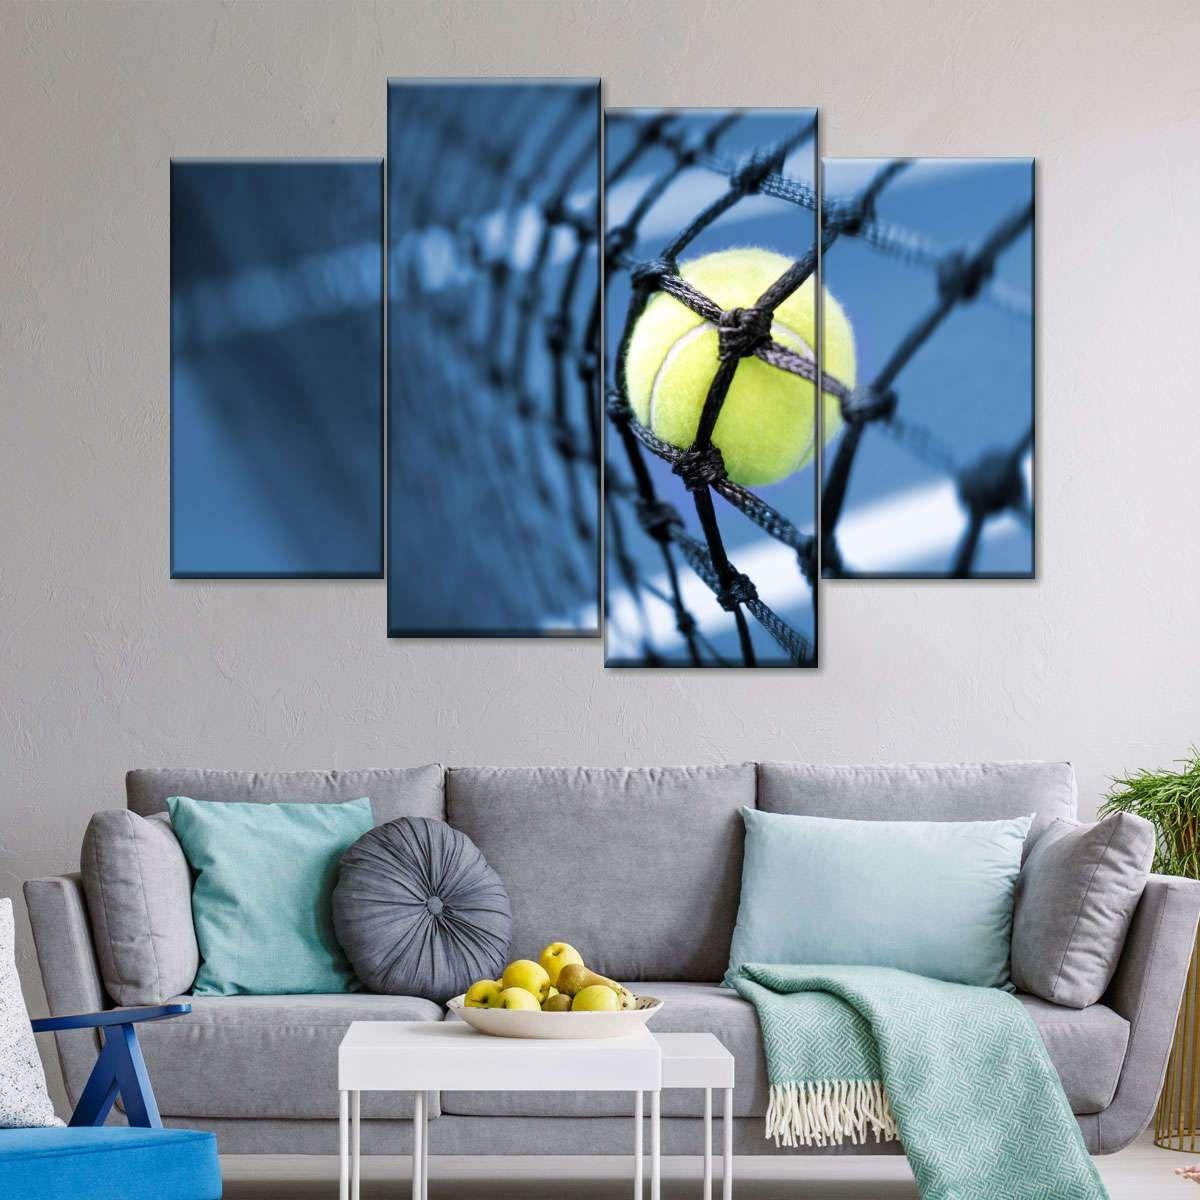 Tennis Net Multi Panel Canvas Wall Art In 2020 Canvas Wall Art Art Wall Art